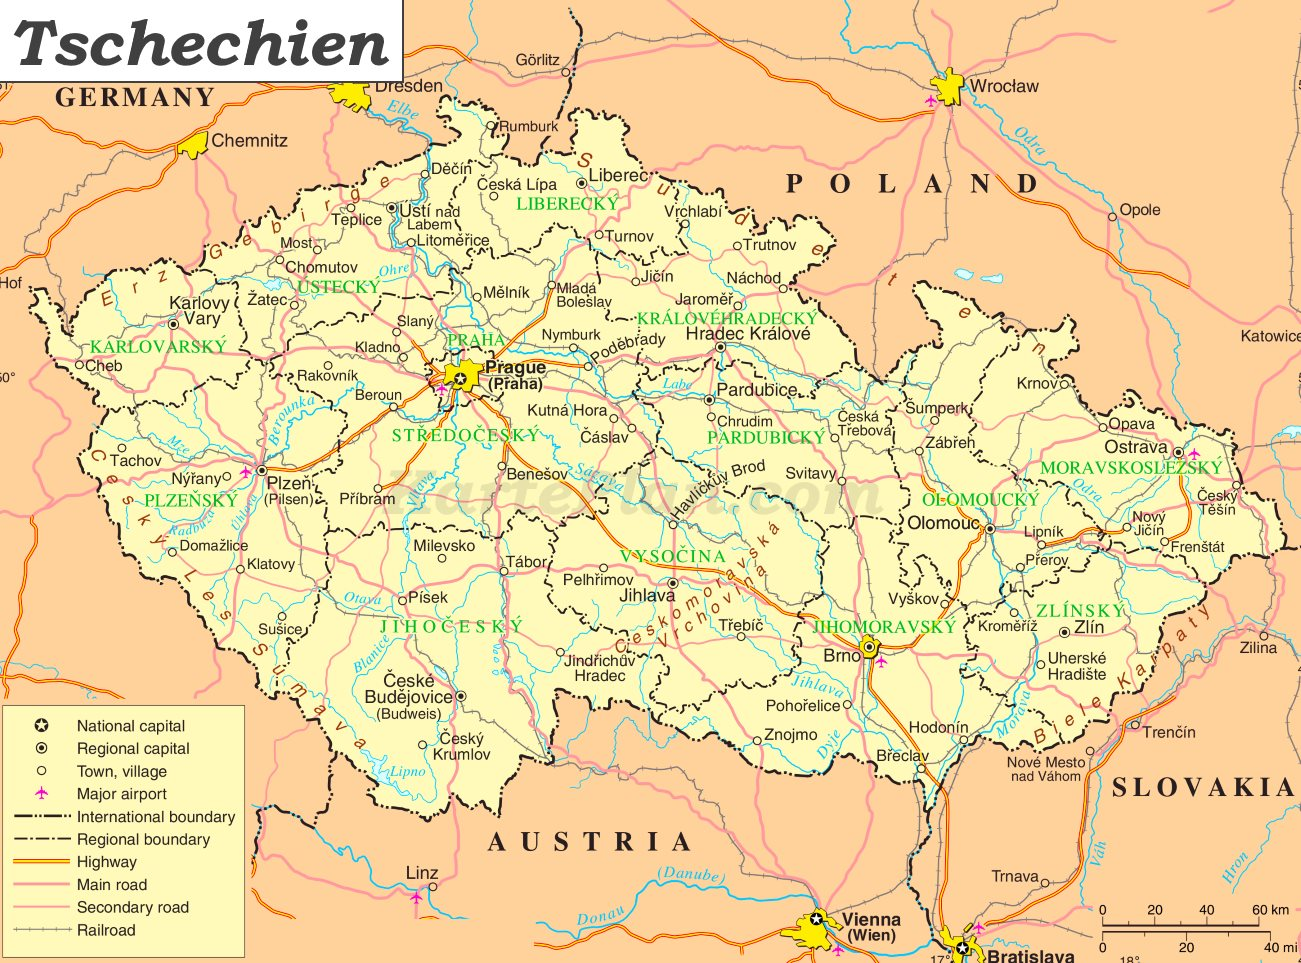 Tschechien Karte